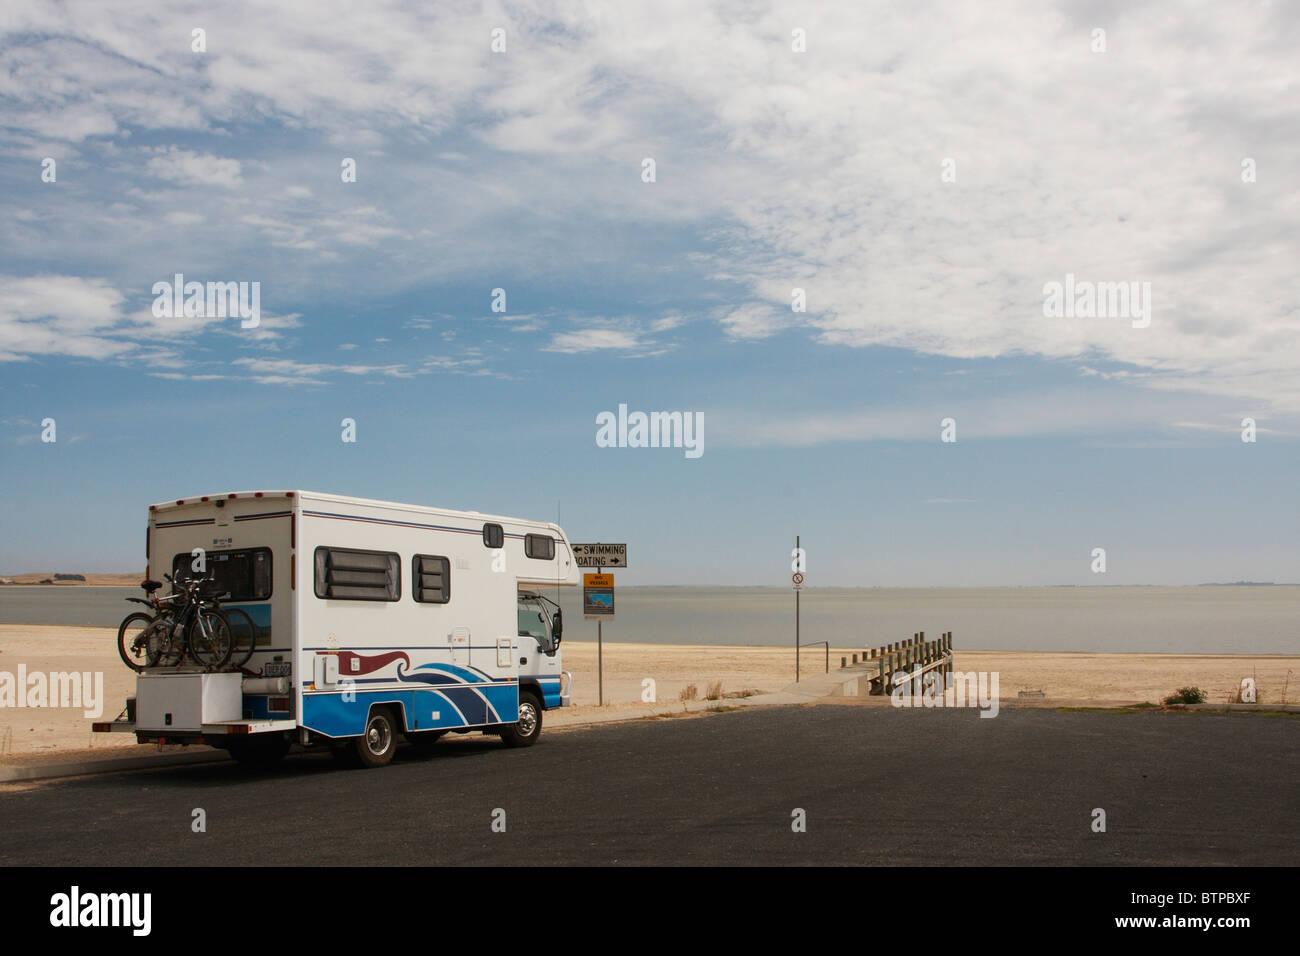 Australien, South Australia, Coorong, Meningie, Wohnmobil auf Straße in der Nähe von Strand Stockbild